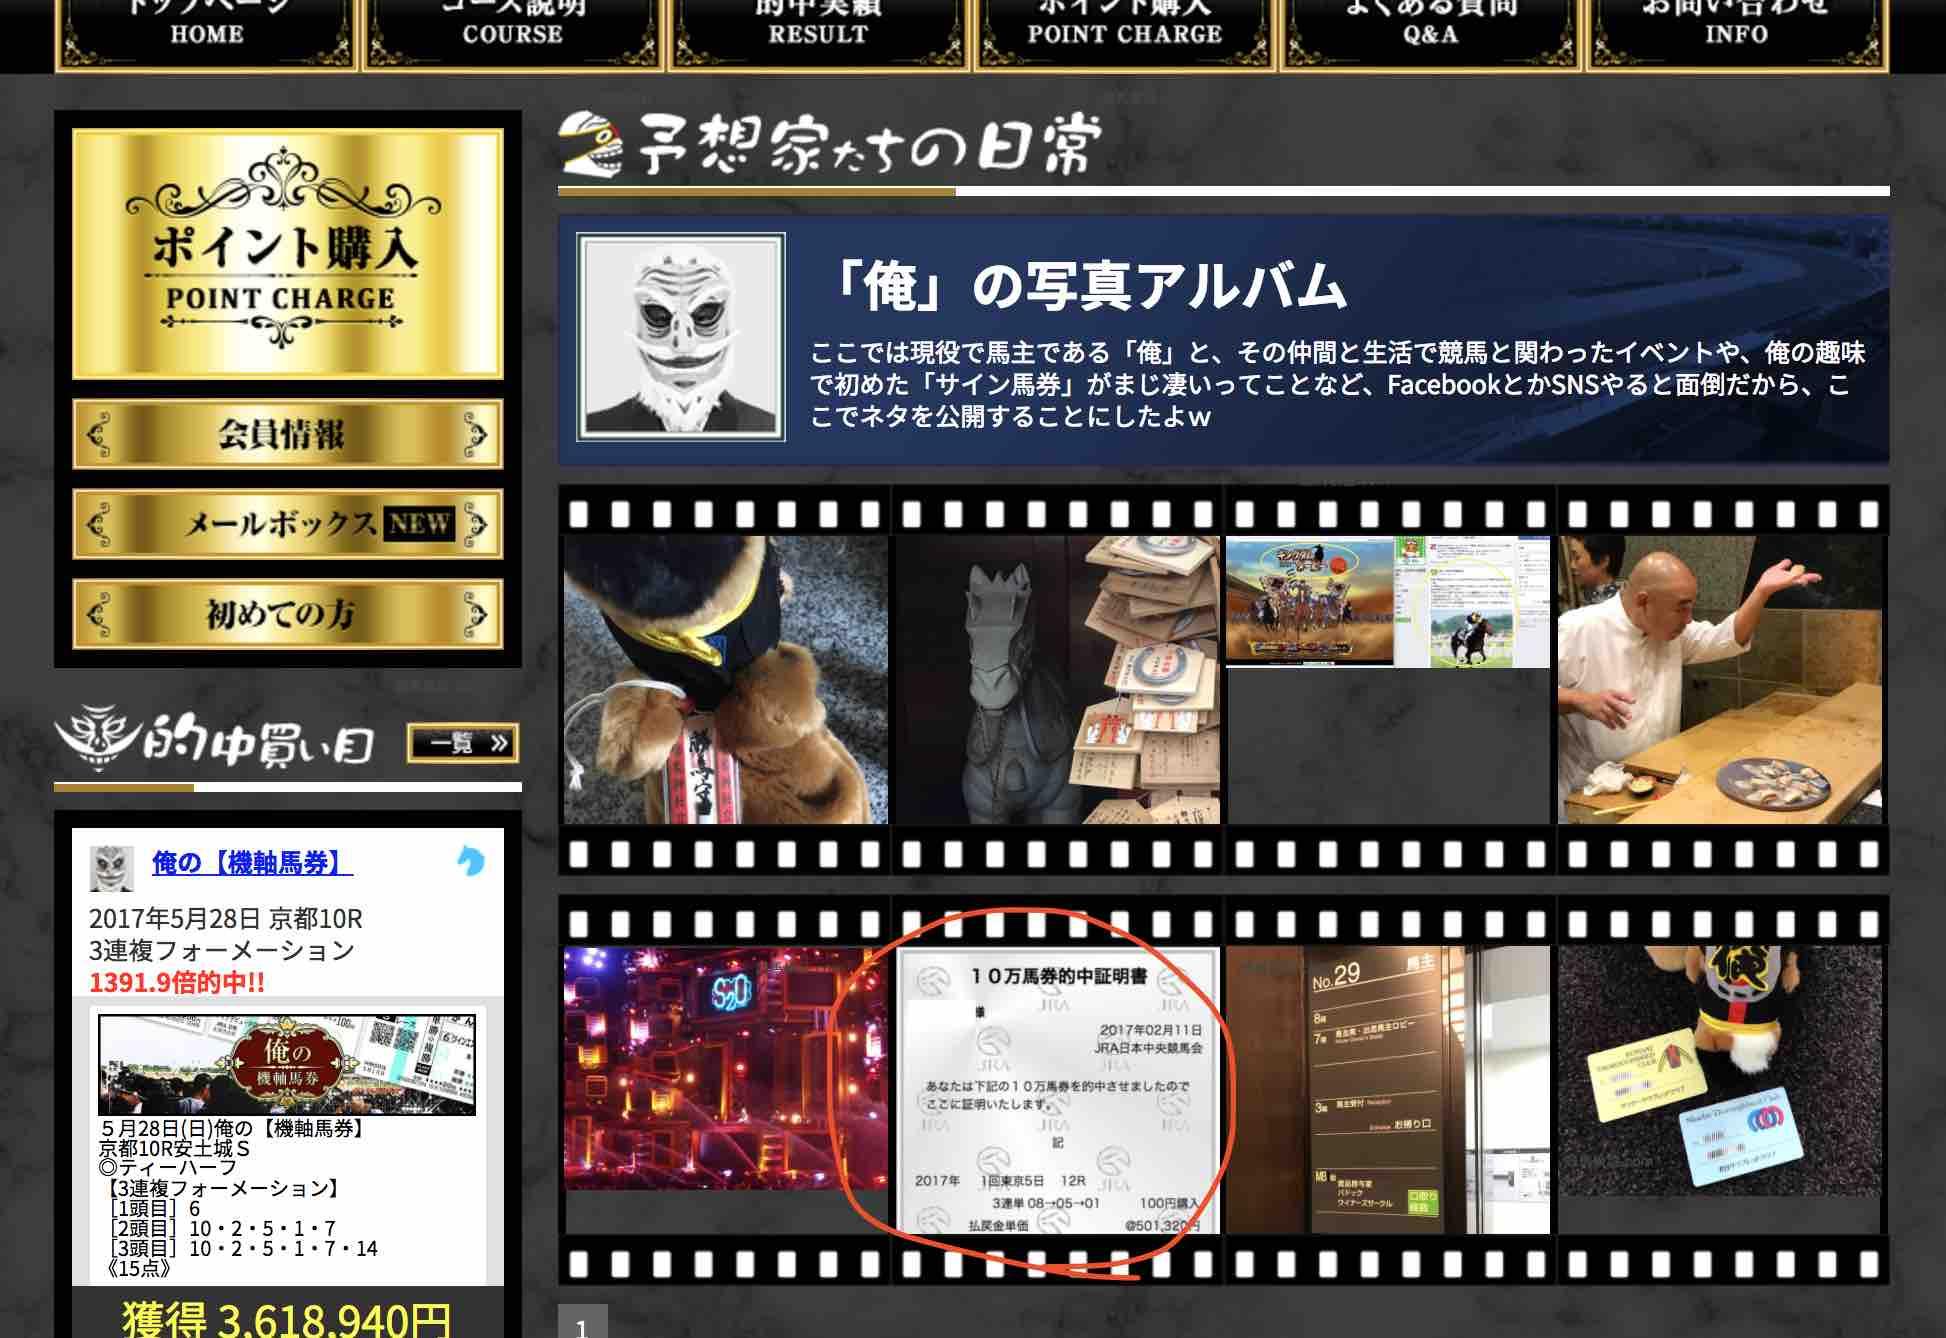 俺の競馬予想(OREKEIBA)という競馬予想サイトの俺の写真アルバム